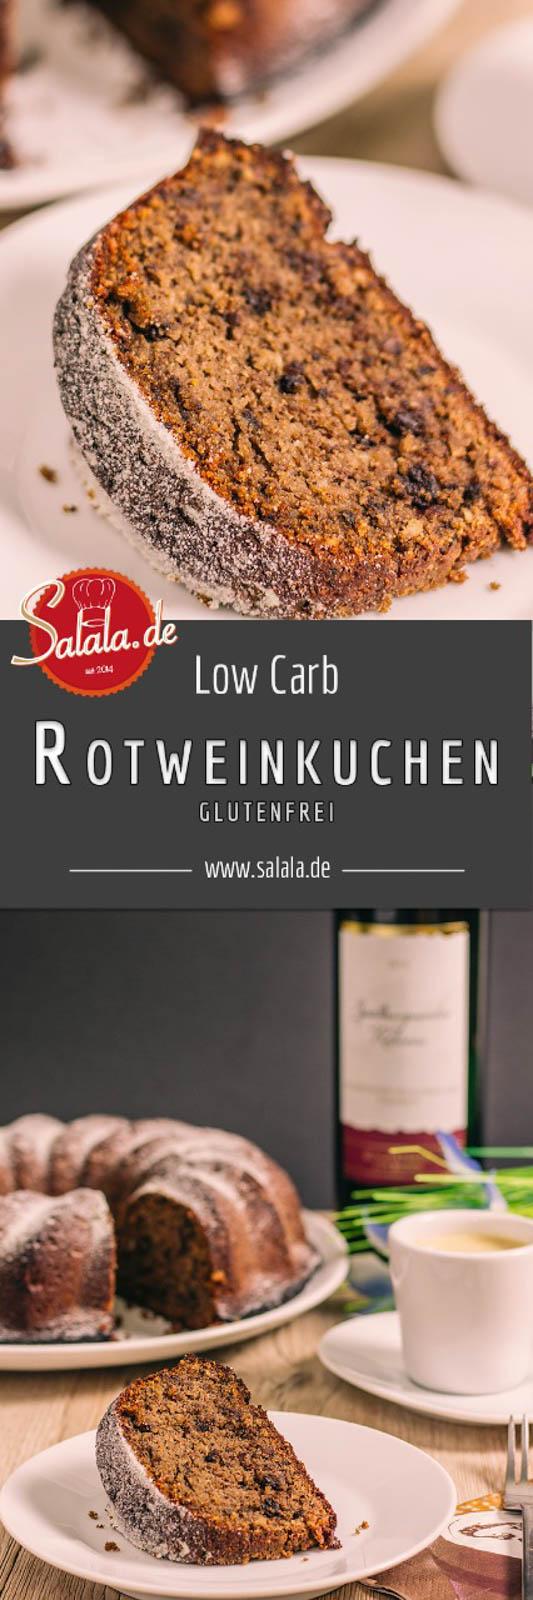 Rotweinkuchen low carb - by salala.de - ohne Mehl zuckerfrei, glutenfrei und warum man Alkohol auch bei Low Carb zum Backen und Kochen verwenden darf!